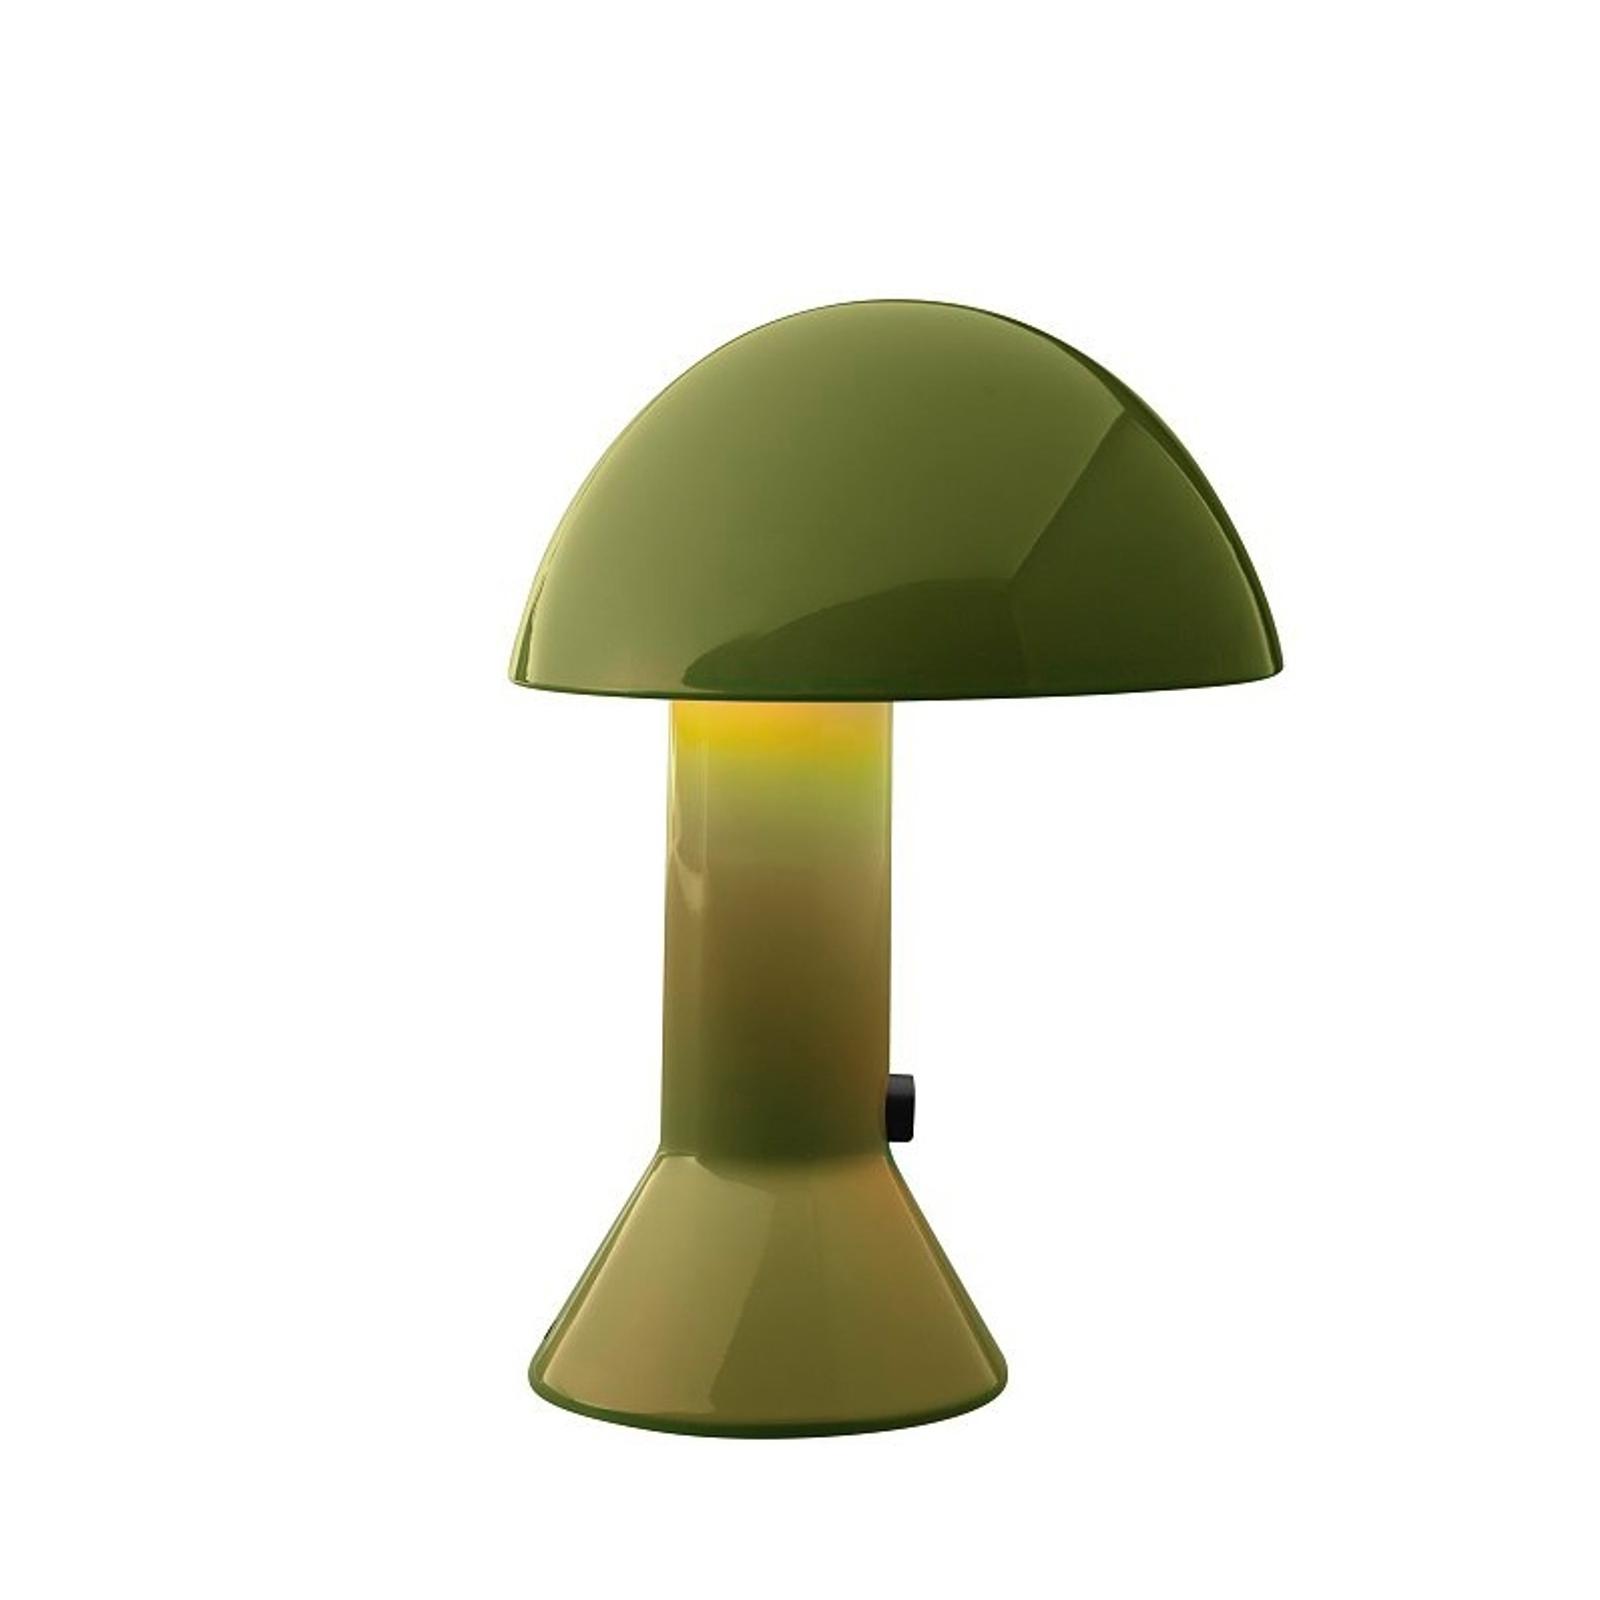 Martinelli Luce Elmetto - Tischleuchte, grün